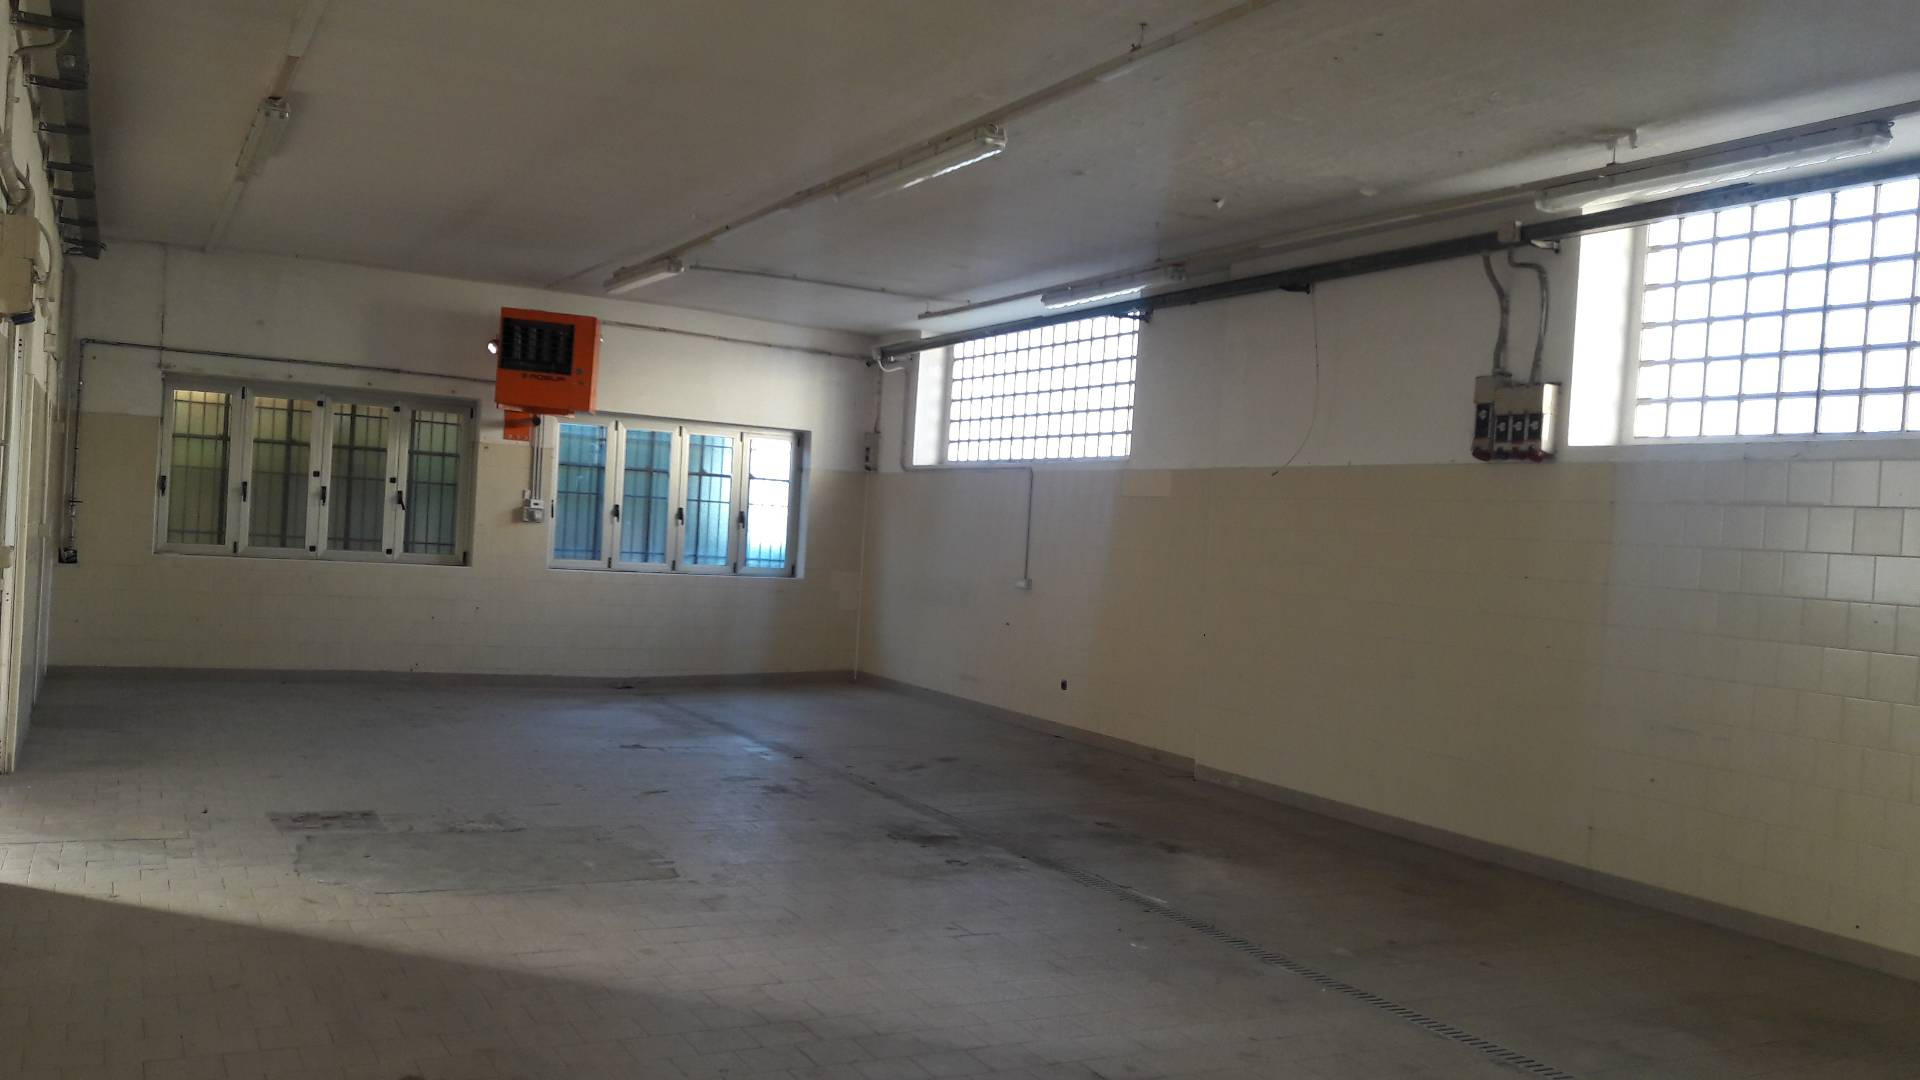 Capannone in affitto a Cardano al Campo, 9999 locali, prezzo € 1.300 | CambioCasa.it